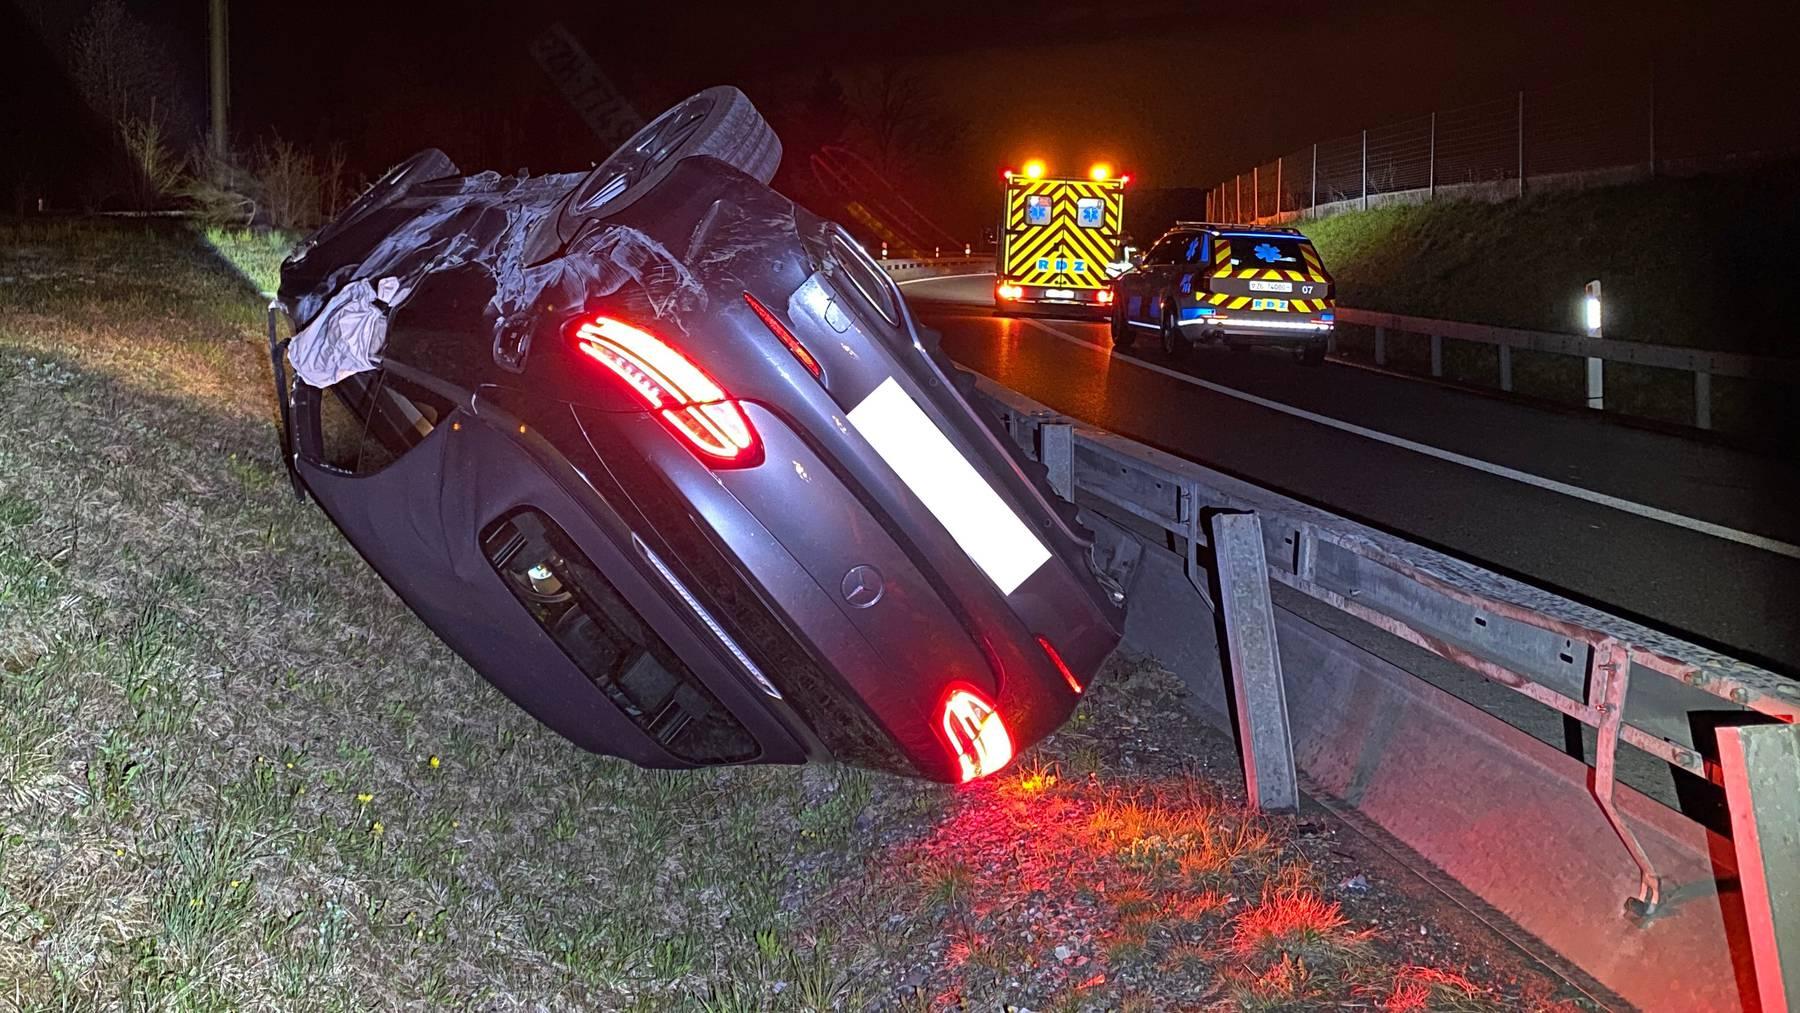 Der Mercedes der Autofahrerin landete auf der Wiese auf dem Dach, nachdem sich das Fahrzeug mehrfach überschlug.